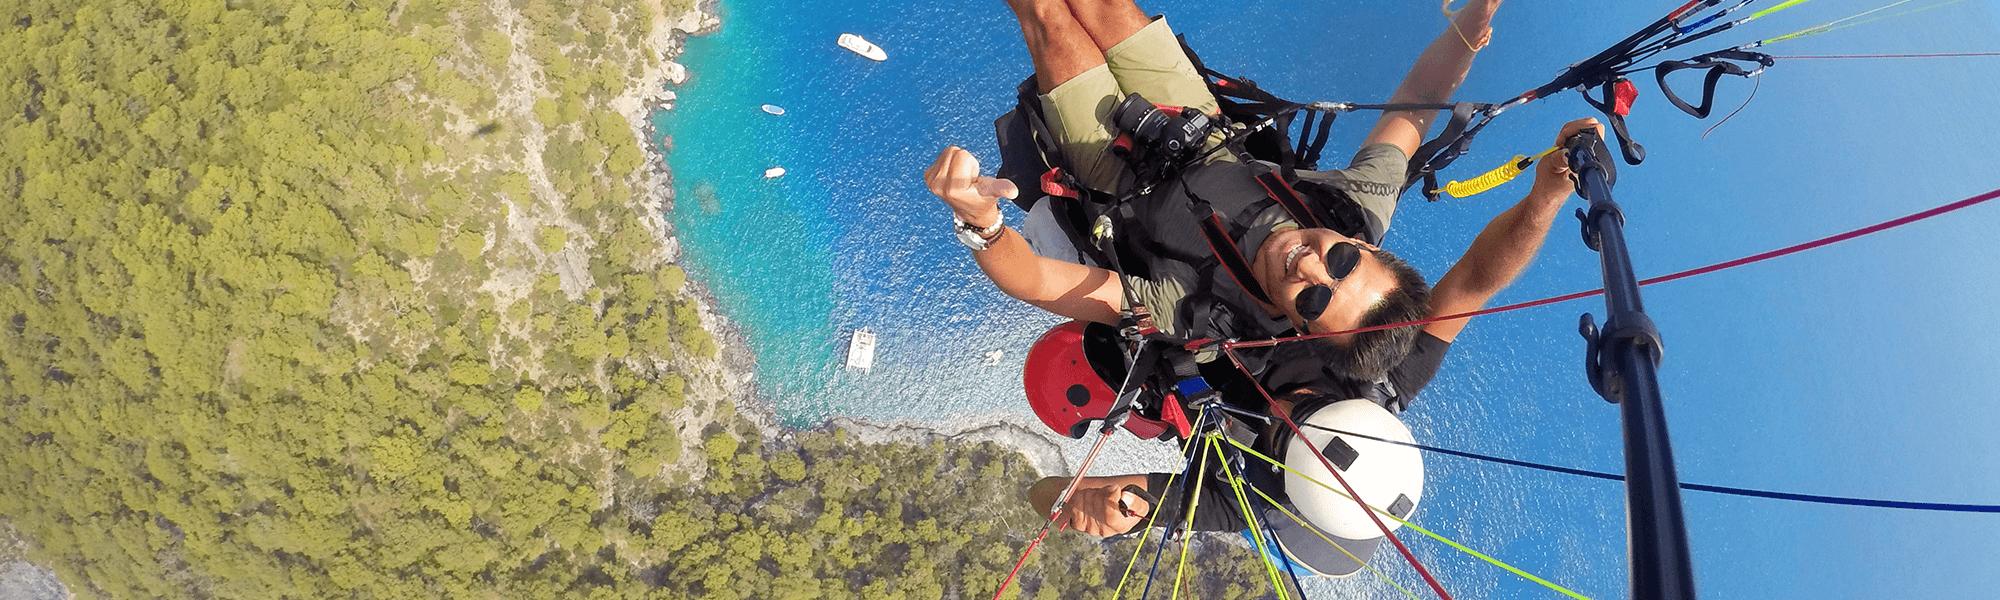 Die besten Aktivitäten für deinen Sommerurlaub